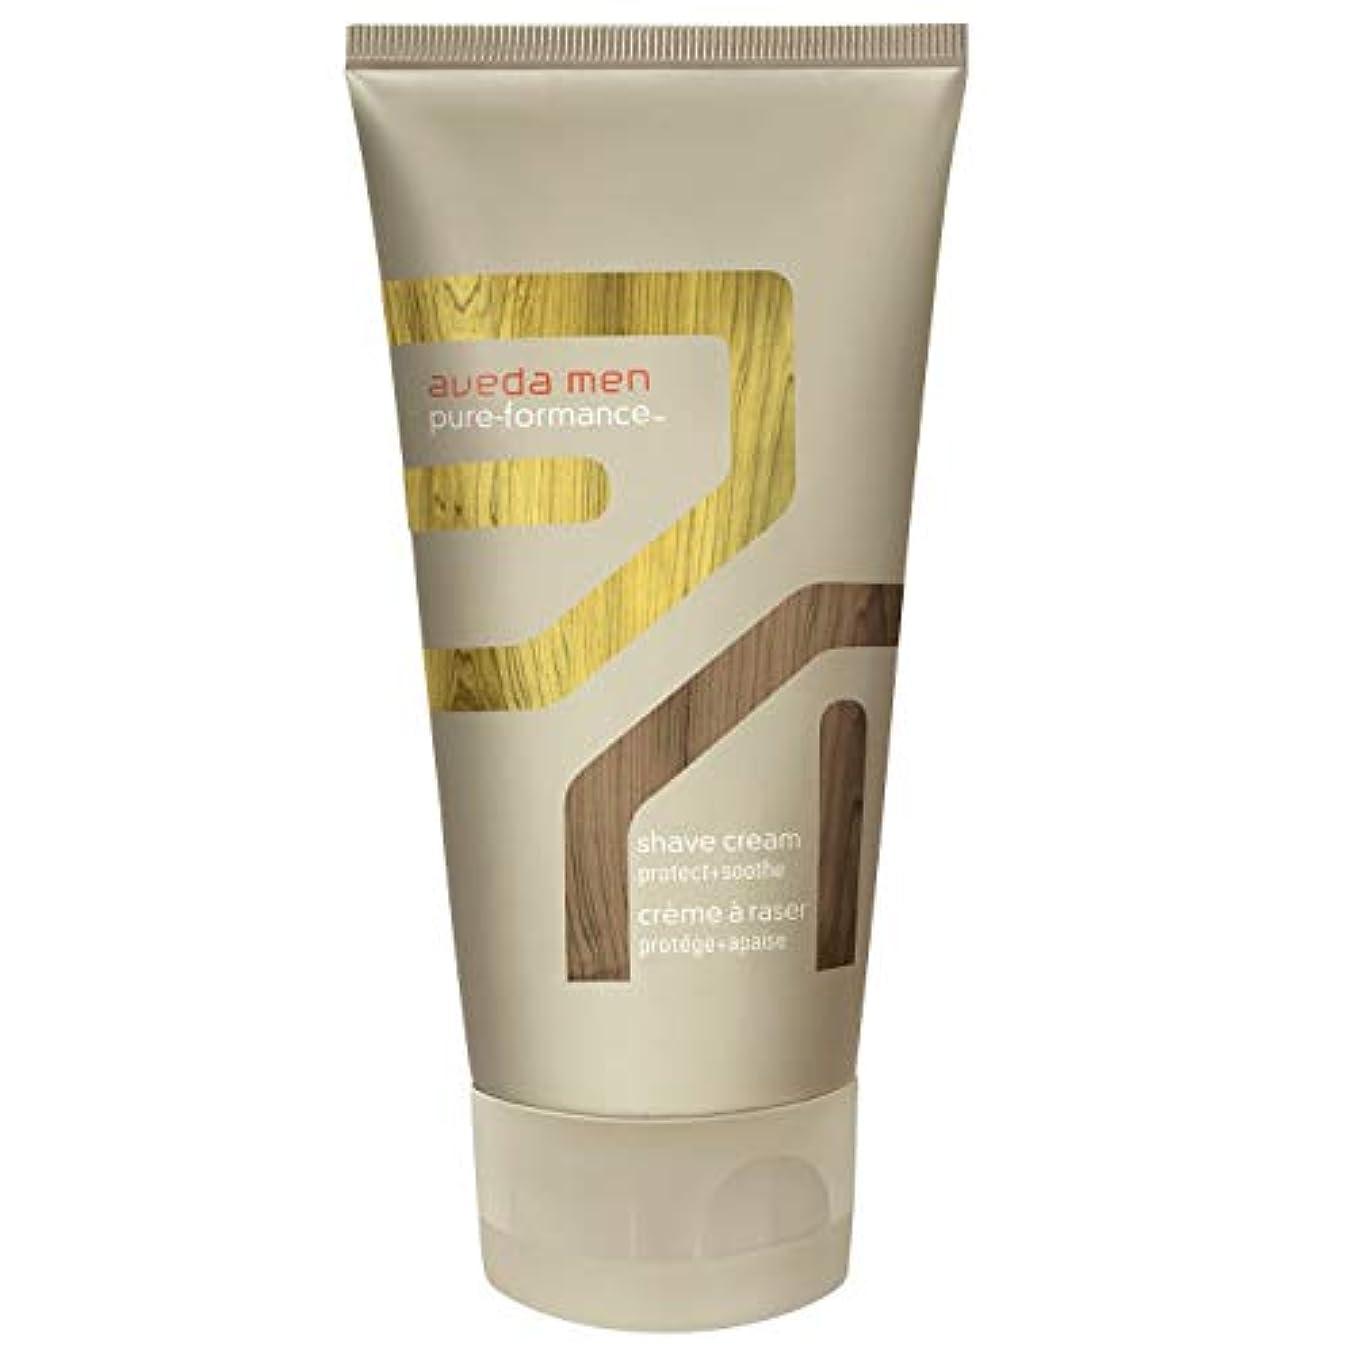 伴う認知お酒[AVEDA] アヴェダ男性の純粋な-Formanceシェーブクリーム150ミリリットル - Aveda Men Pure-Formance Shave Cream 150ml [並行輸入品]